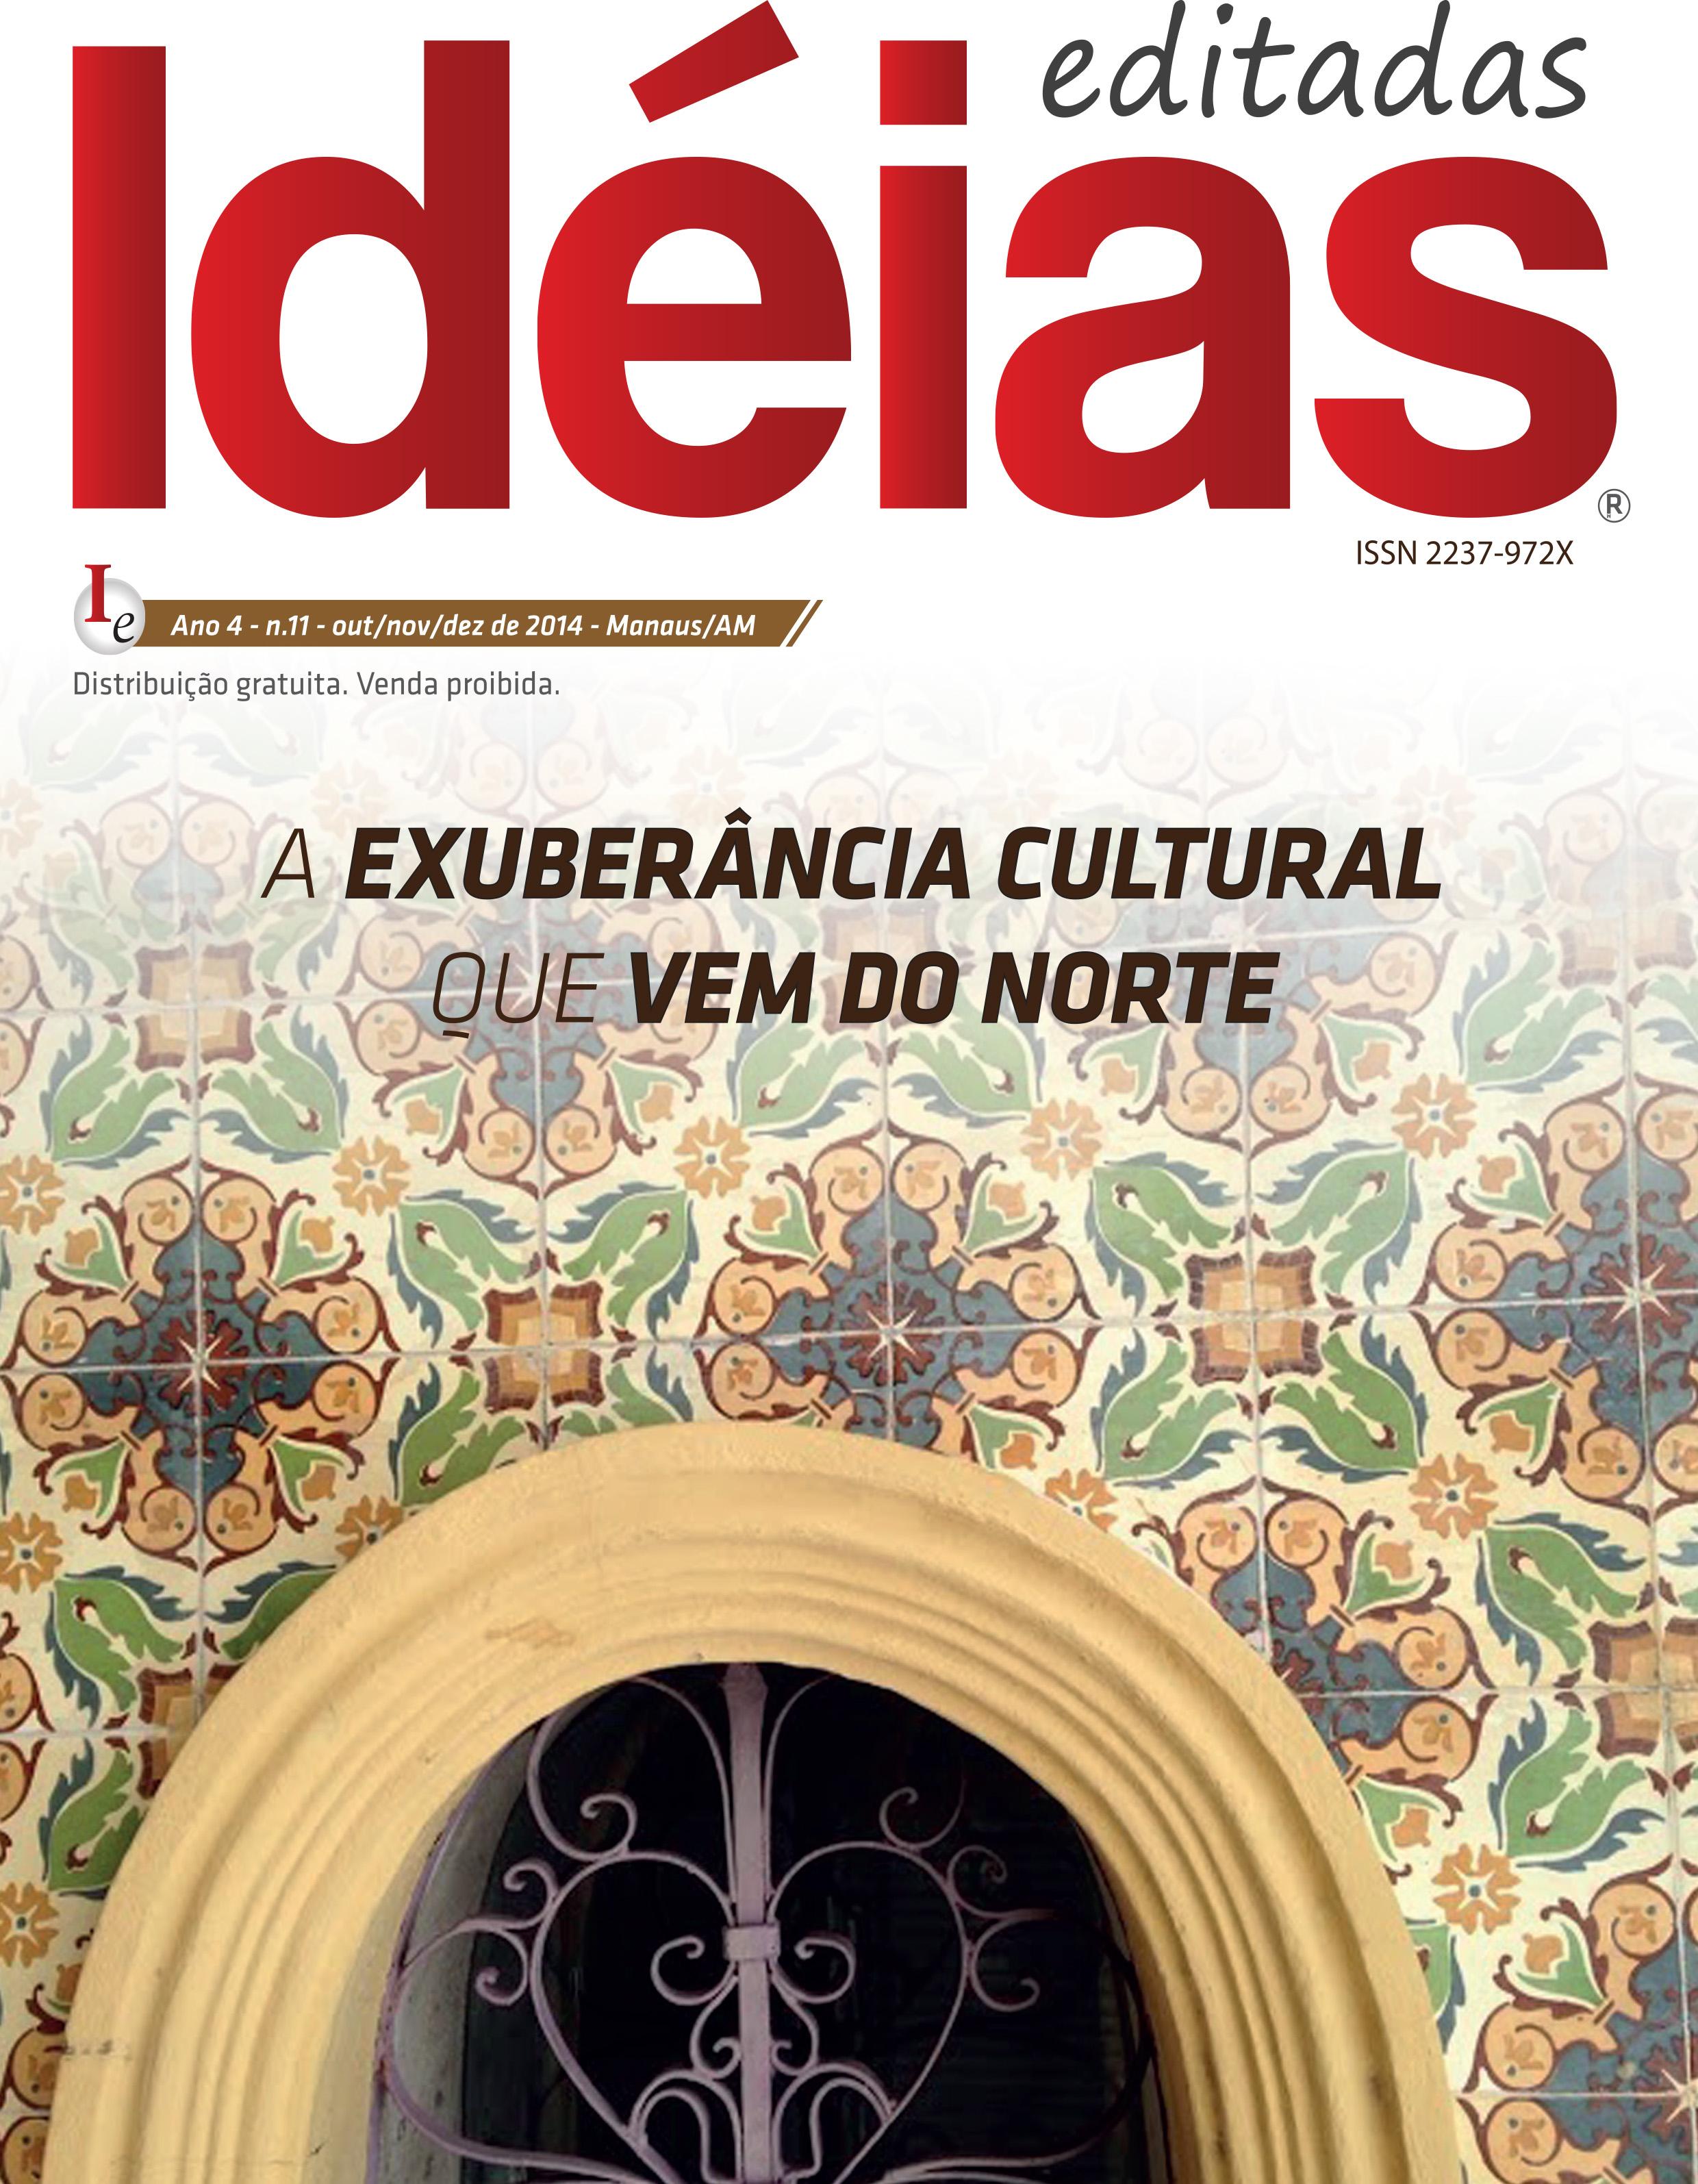 Ideias Editadas - A Exuberância Cultural que Vem do Norte